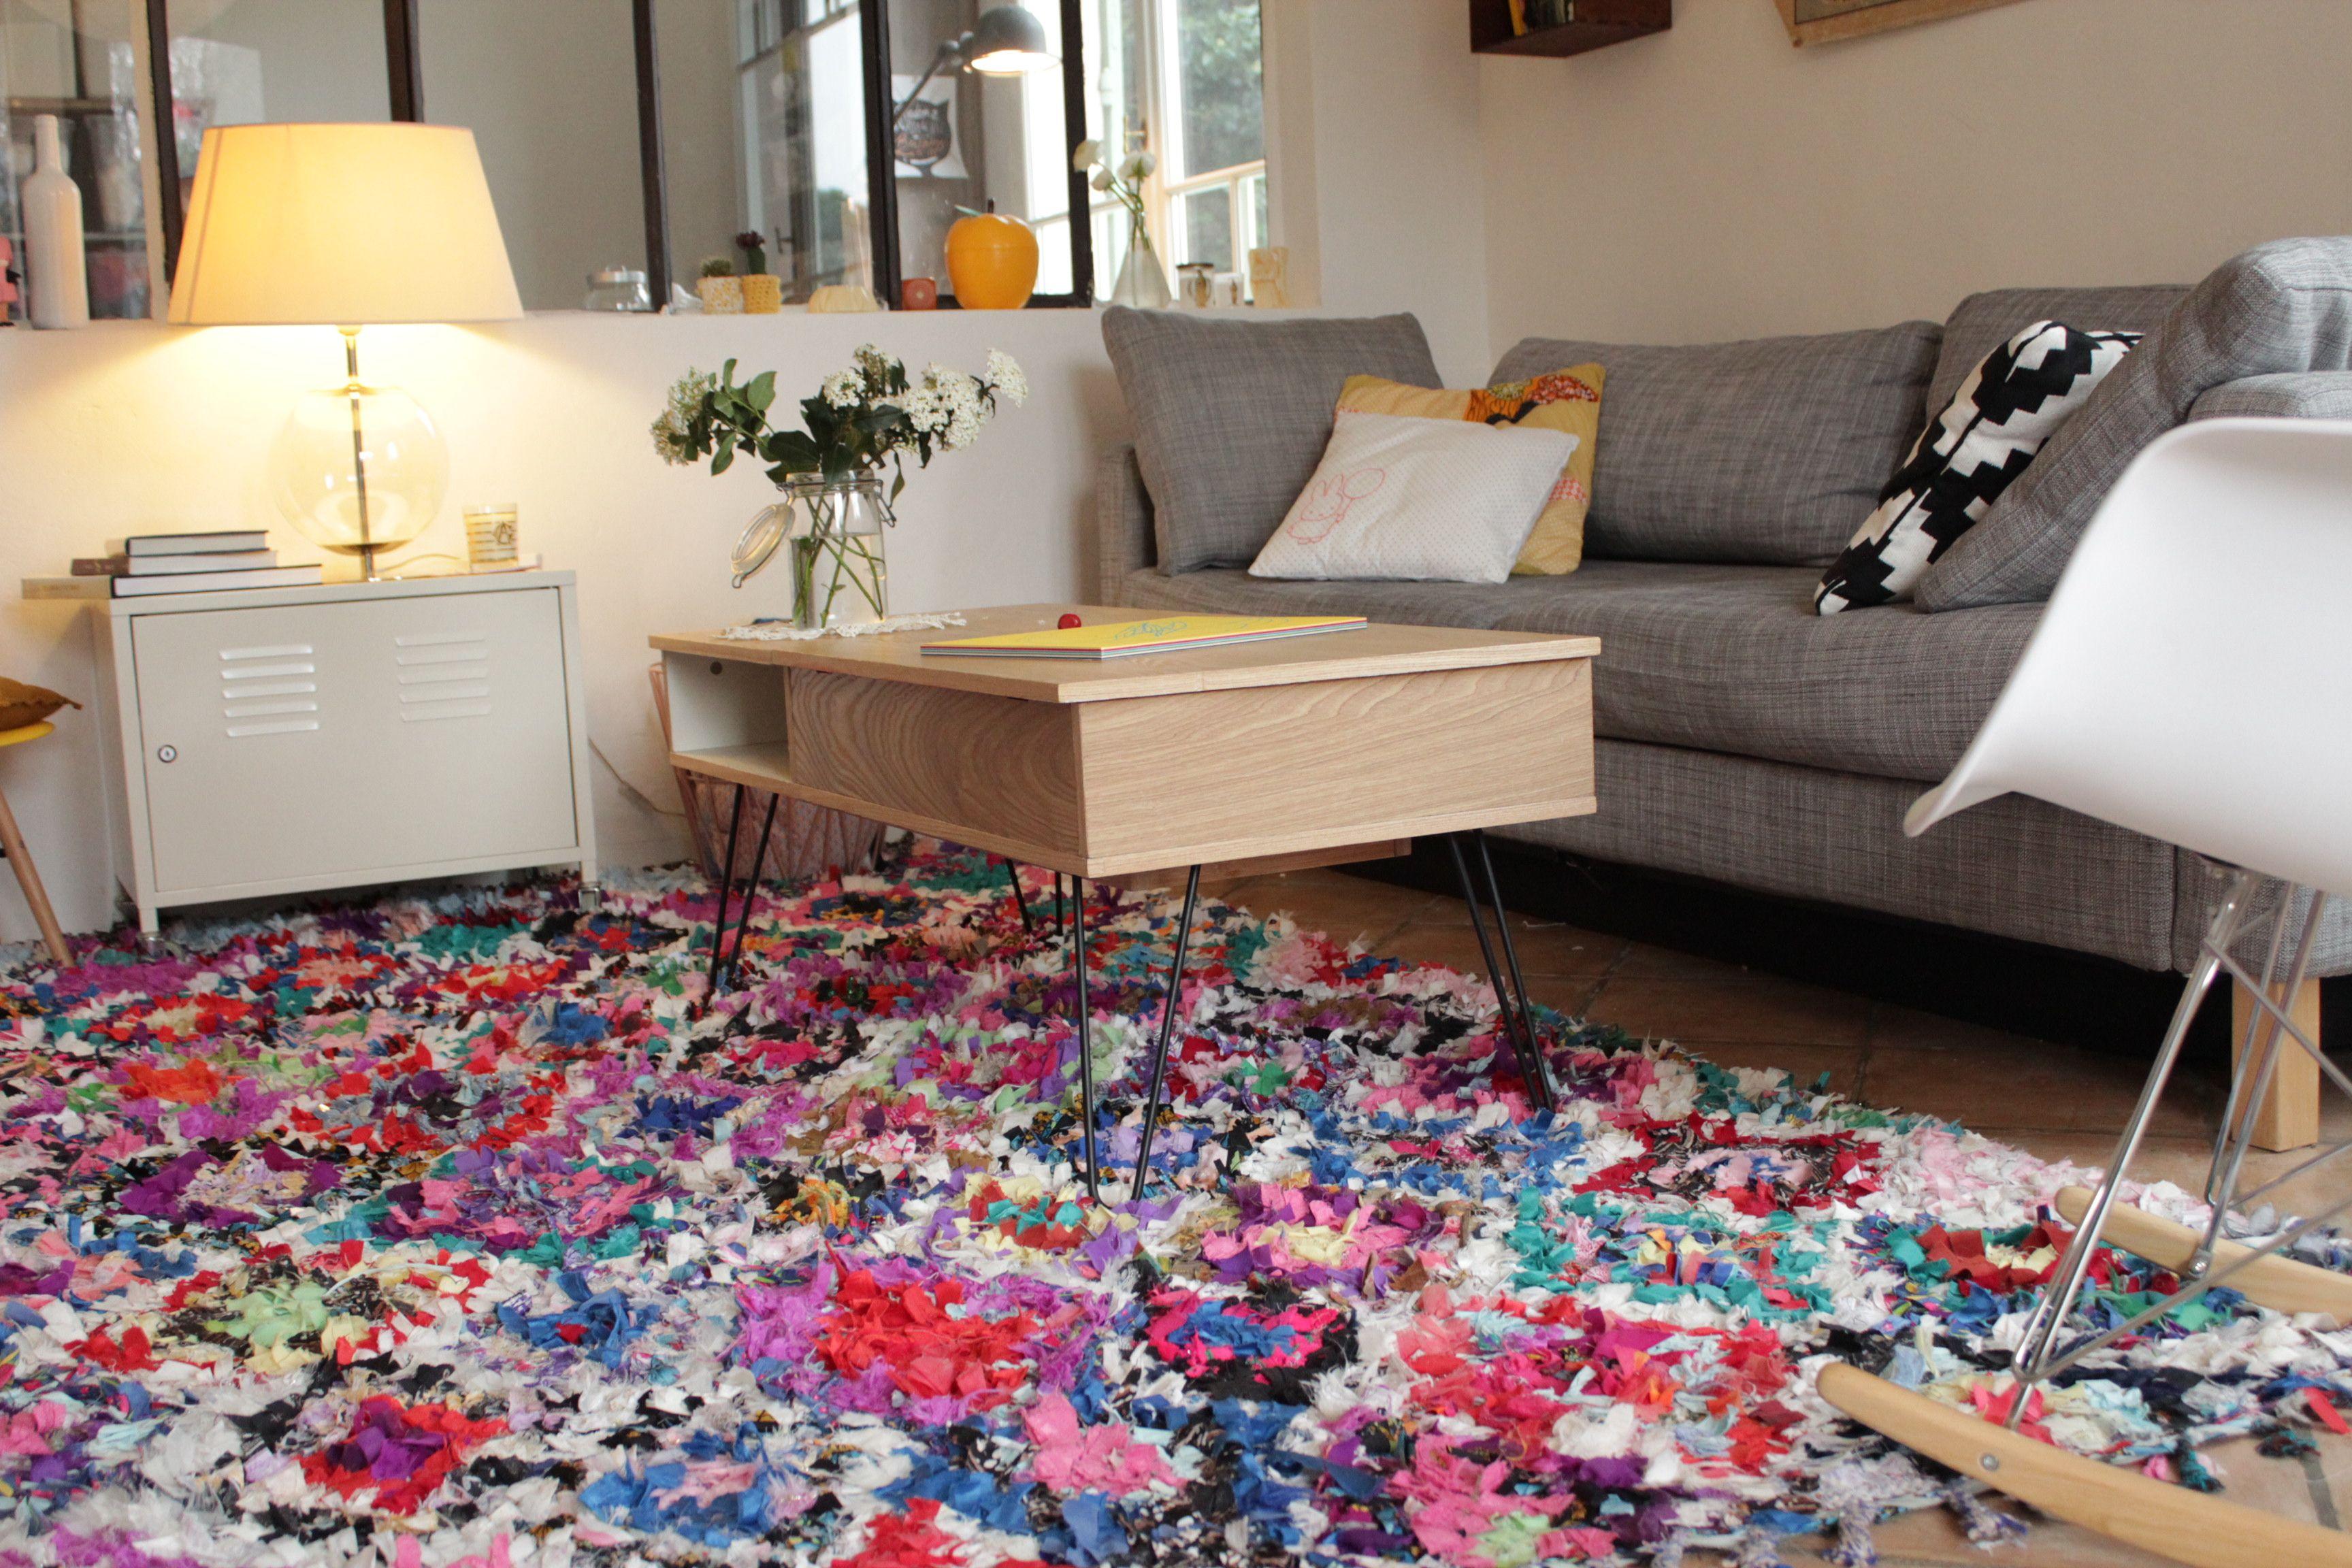 30 superbes tapis pour décorer son salon - page 3 sur 3 - des idées